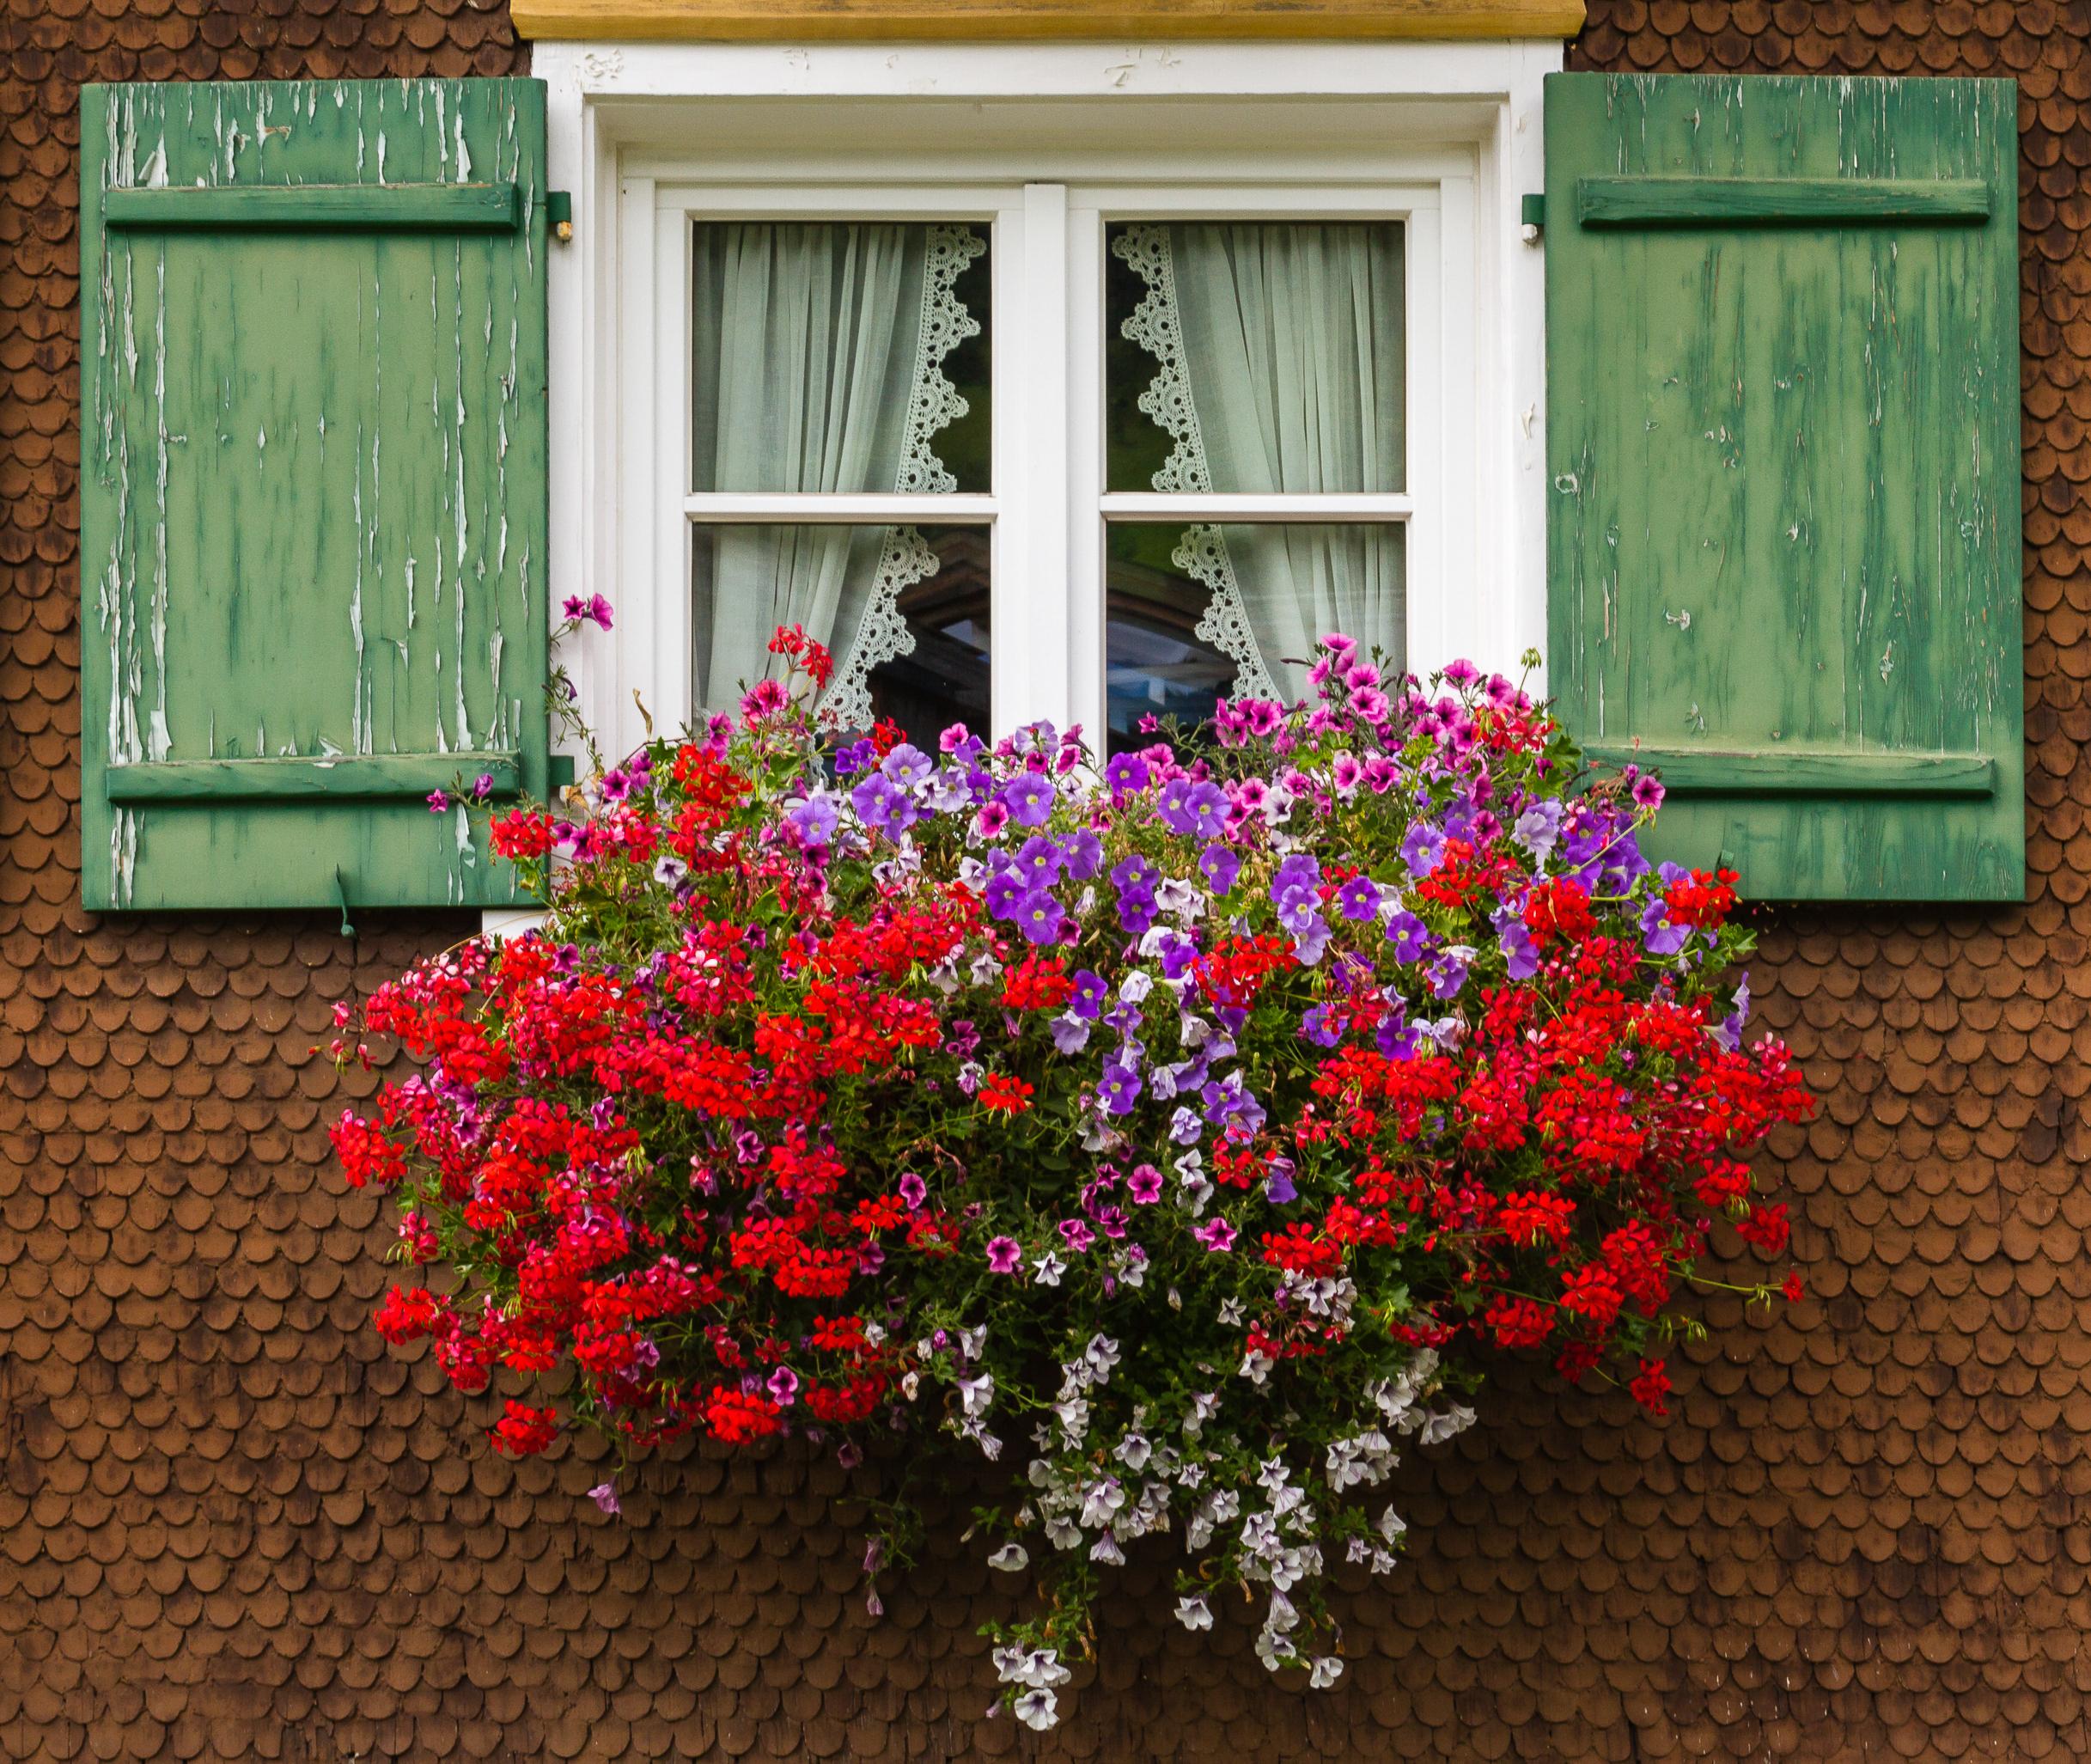 File:2013 09 18 002 Fenster mit Blumenkasten.jpg - Wikimedia ...